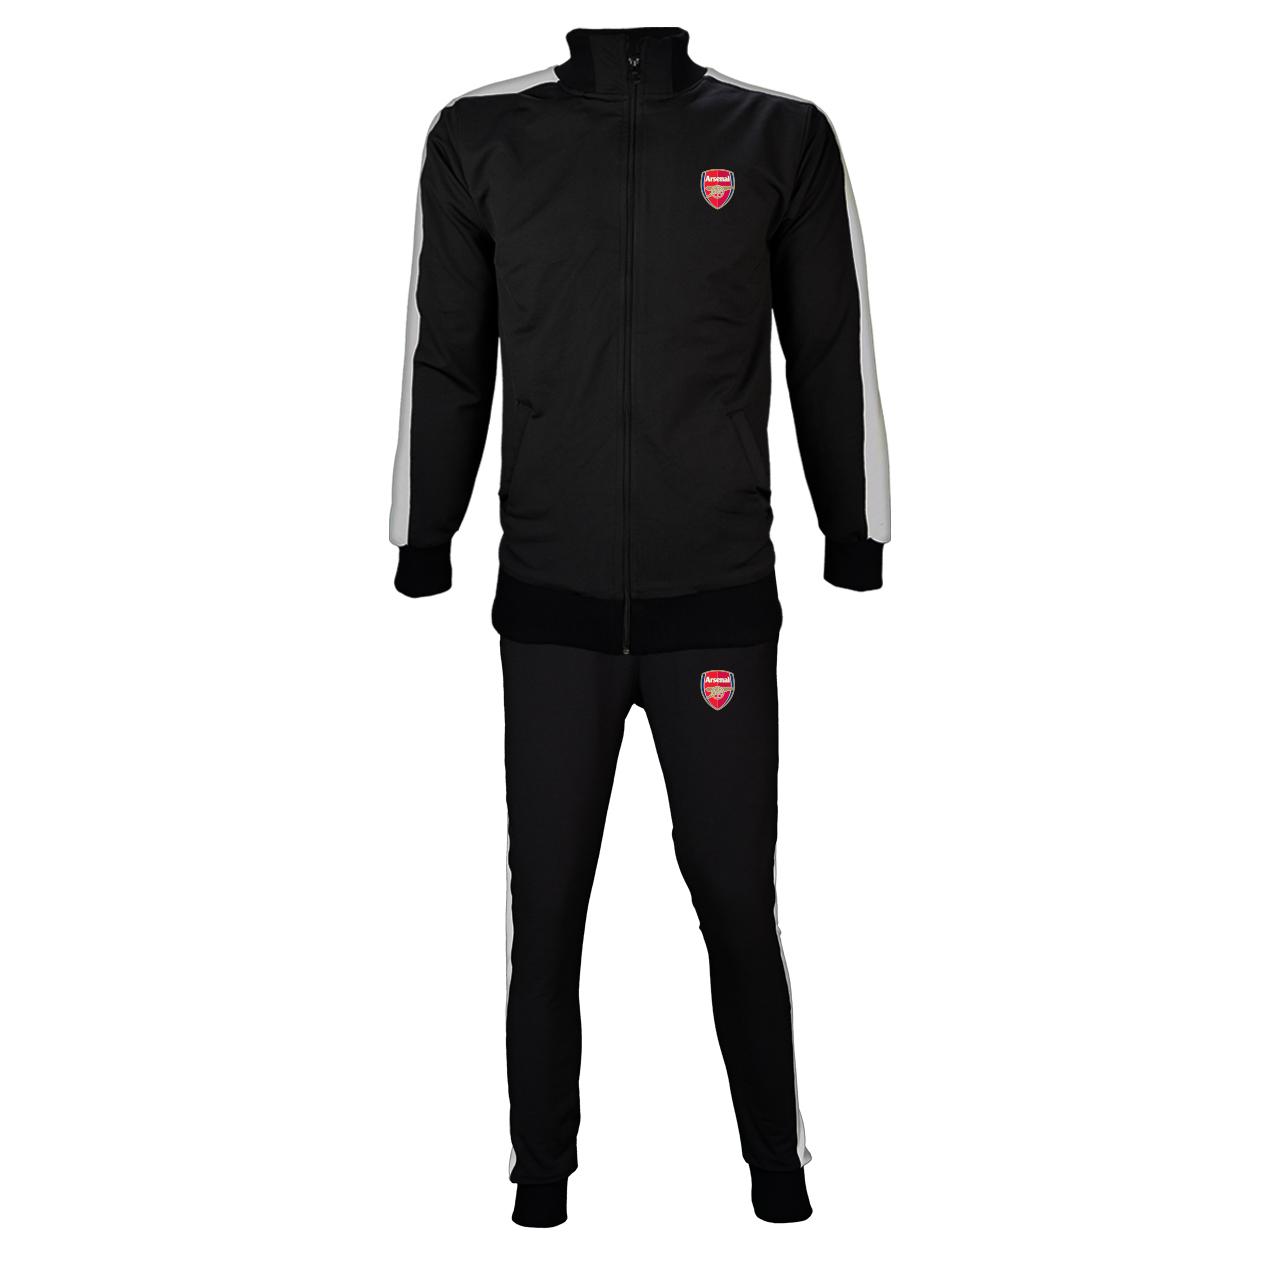 ست سویشرت و شلوار ورزشی مردانه پاتیلوک طرح آرسنال کد 81005